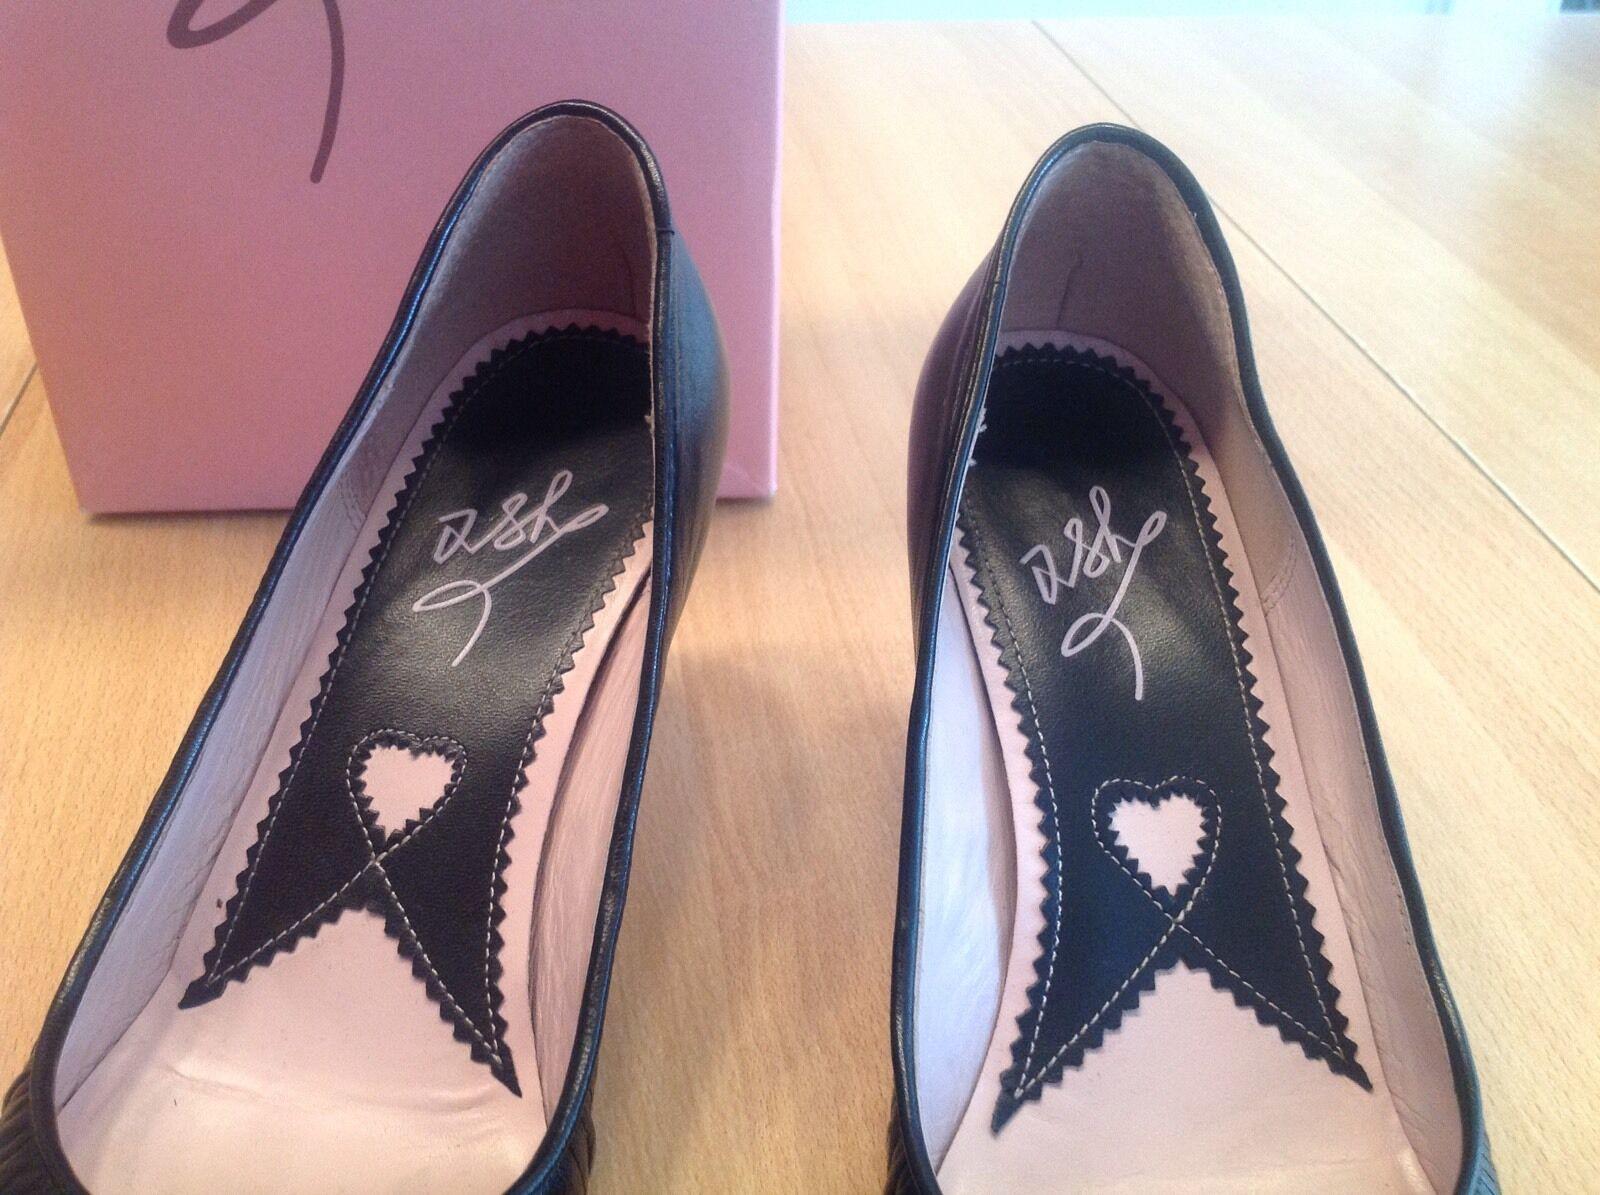 ASH PUMPS Schuhe Elegant Echtleder Business Schuhe PUMPS Schwarz  Gr. 38  w.Neu 4ceff0